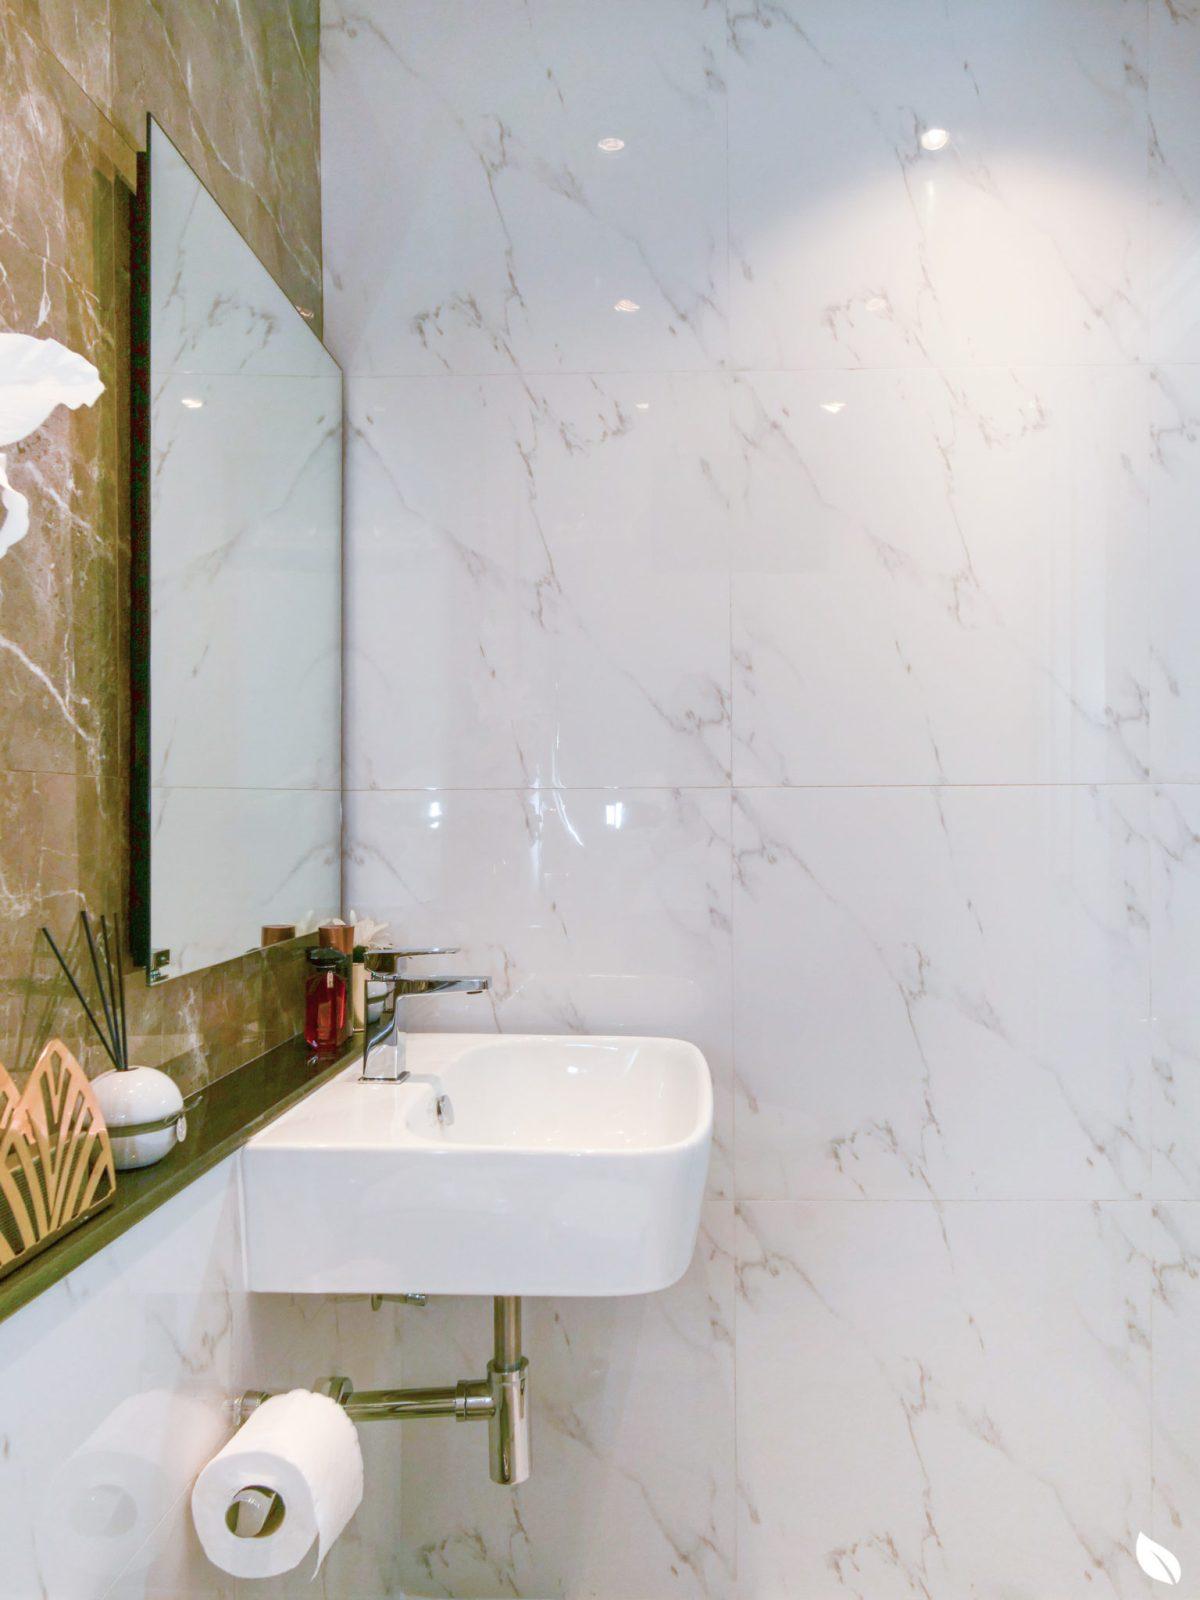 """4 ขั้นตอน """"รีโนเวทห้องน้ำขนาดเล็ก"""" ให้สวยใหม่ จบงานไวใน 2 วัน แบบปูกระเบื้องทับ ไม่ต้องรื้อ 61 - bathroom"""